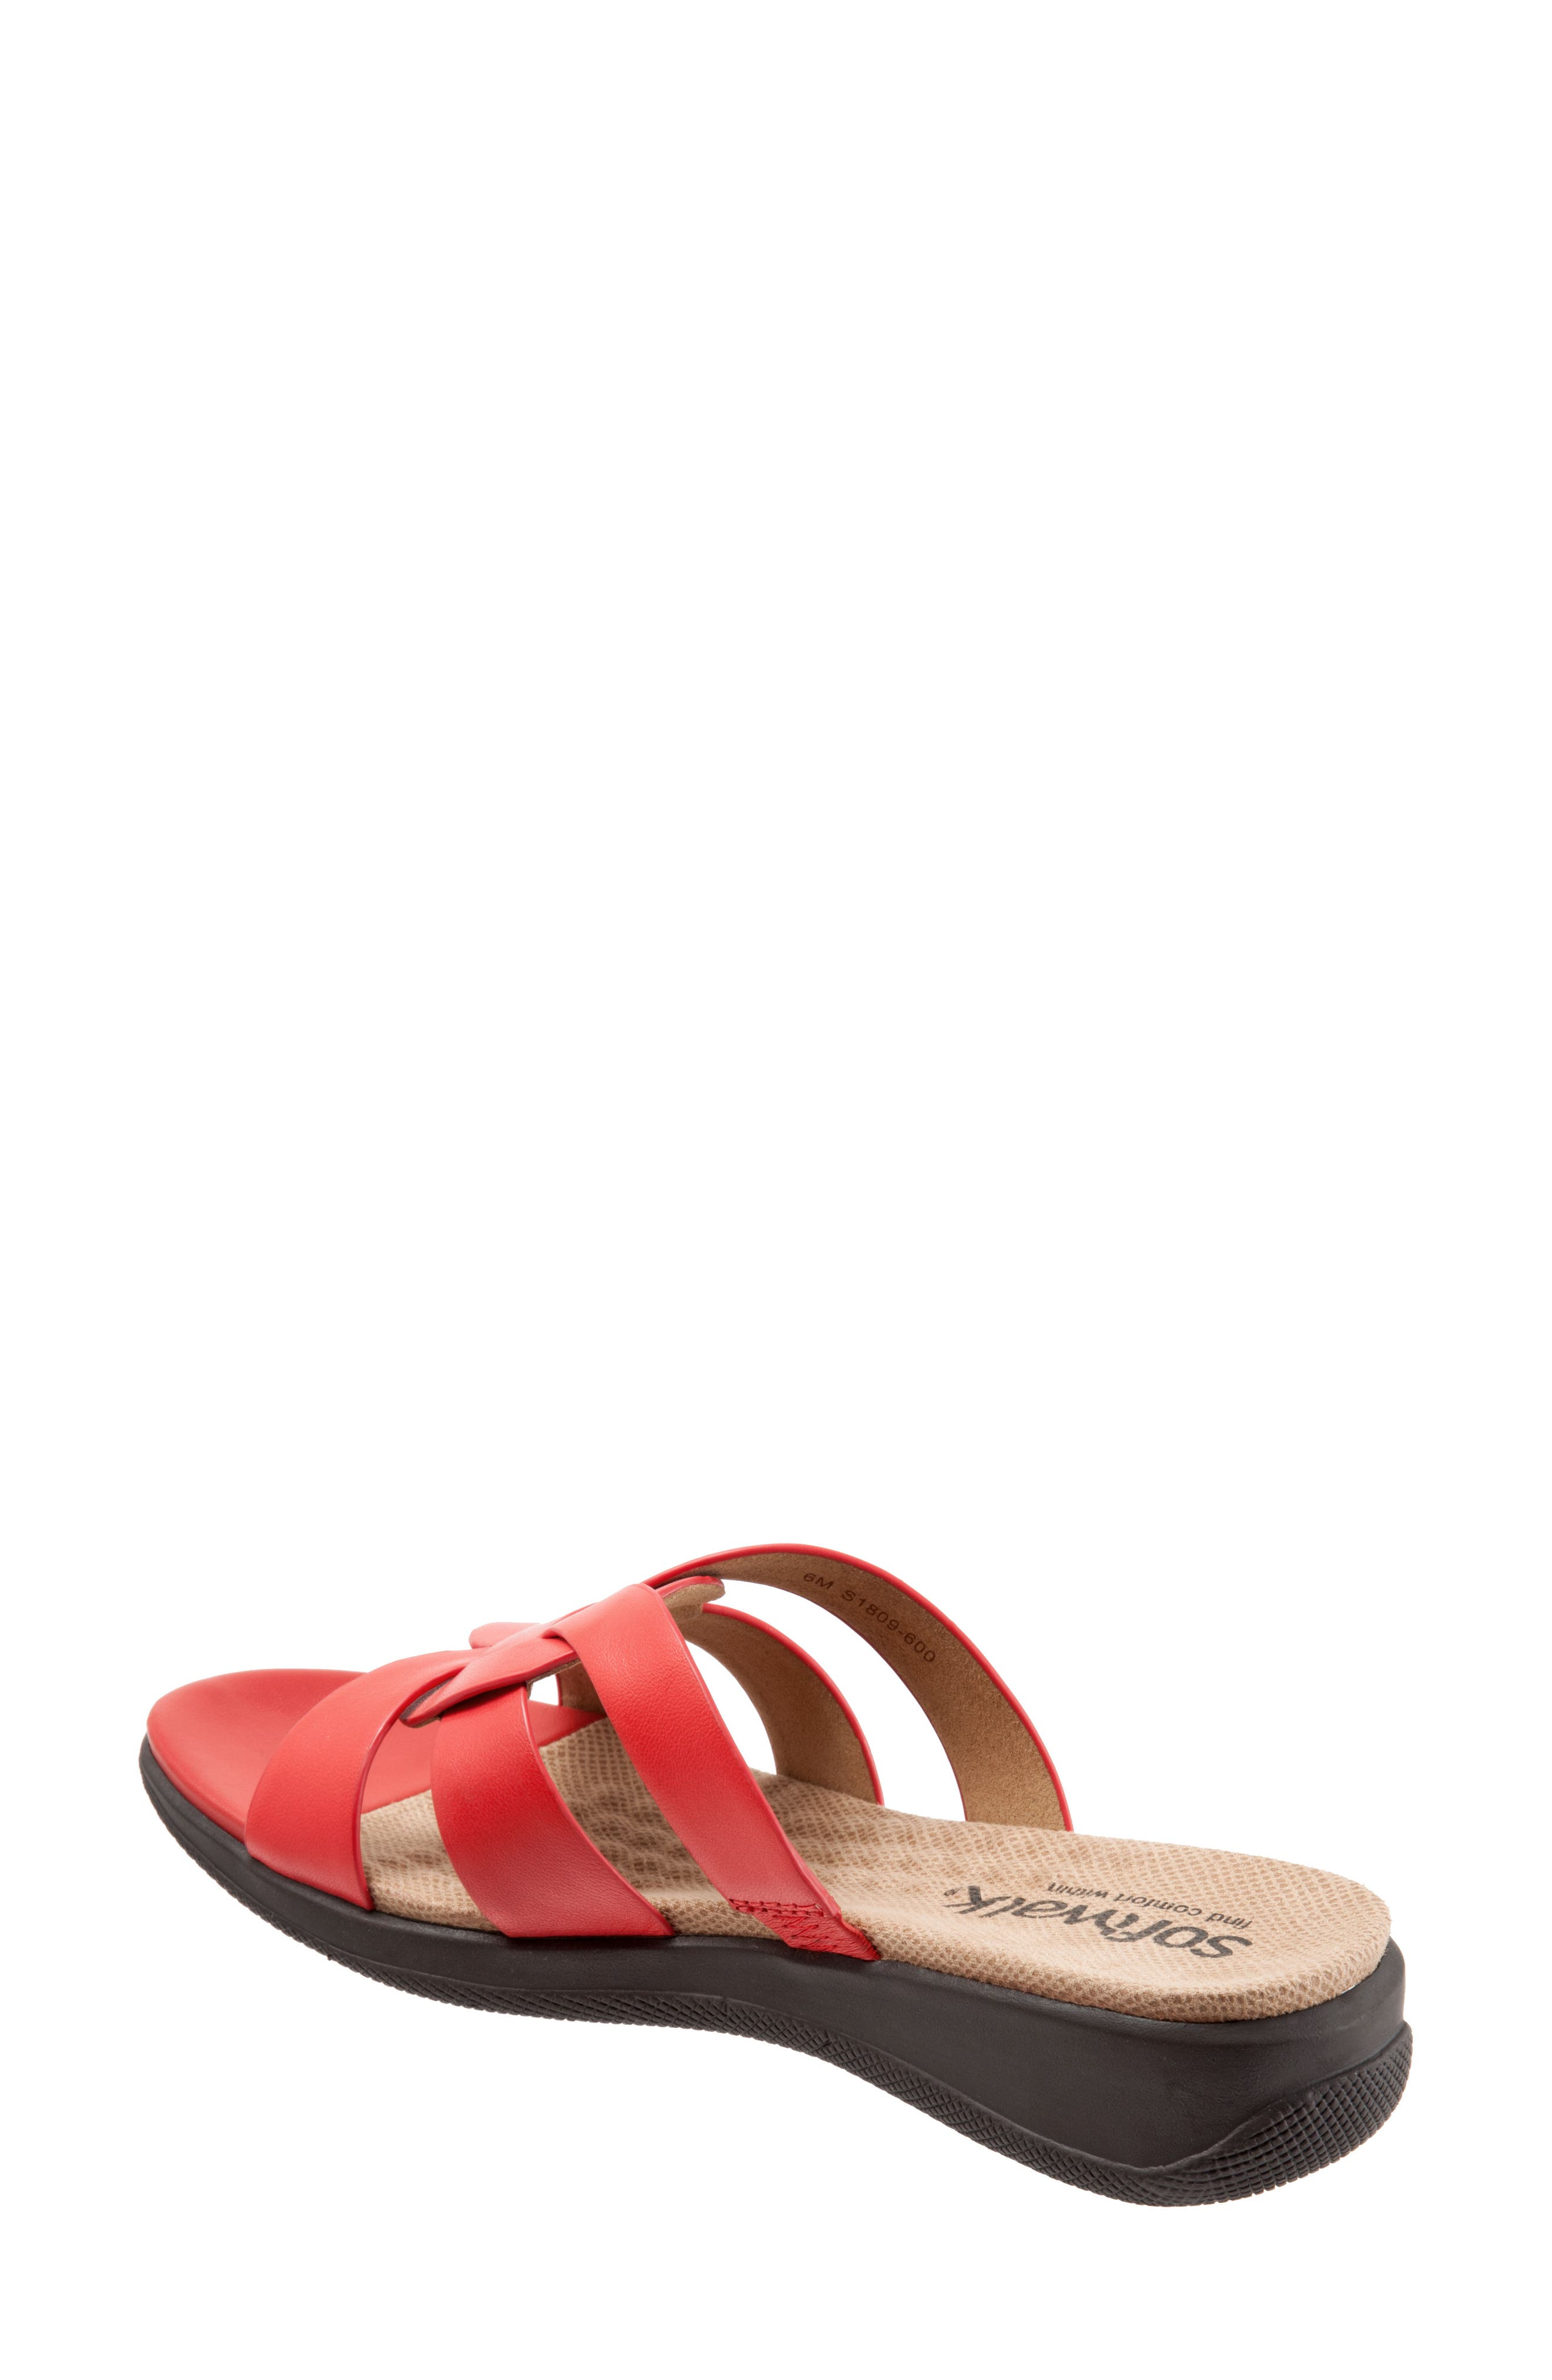 Thompson Slide Sandal,                             Alternate thumbnail 6, color,